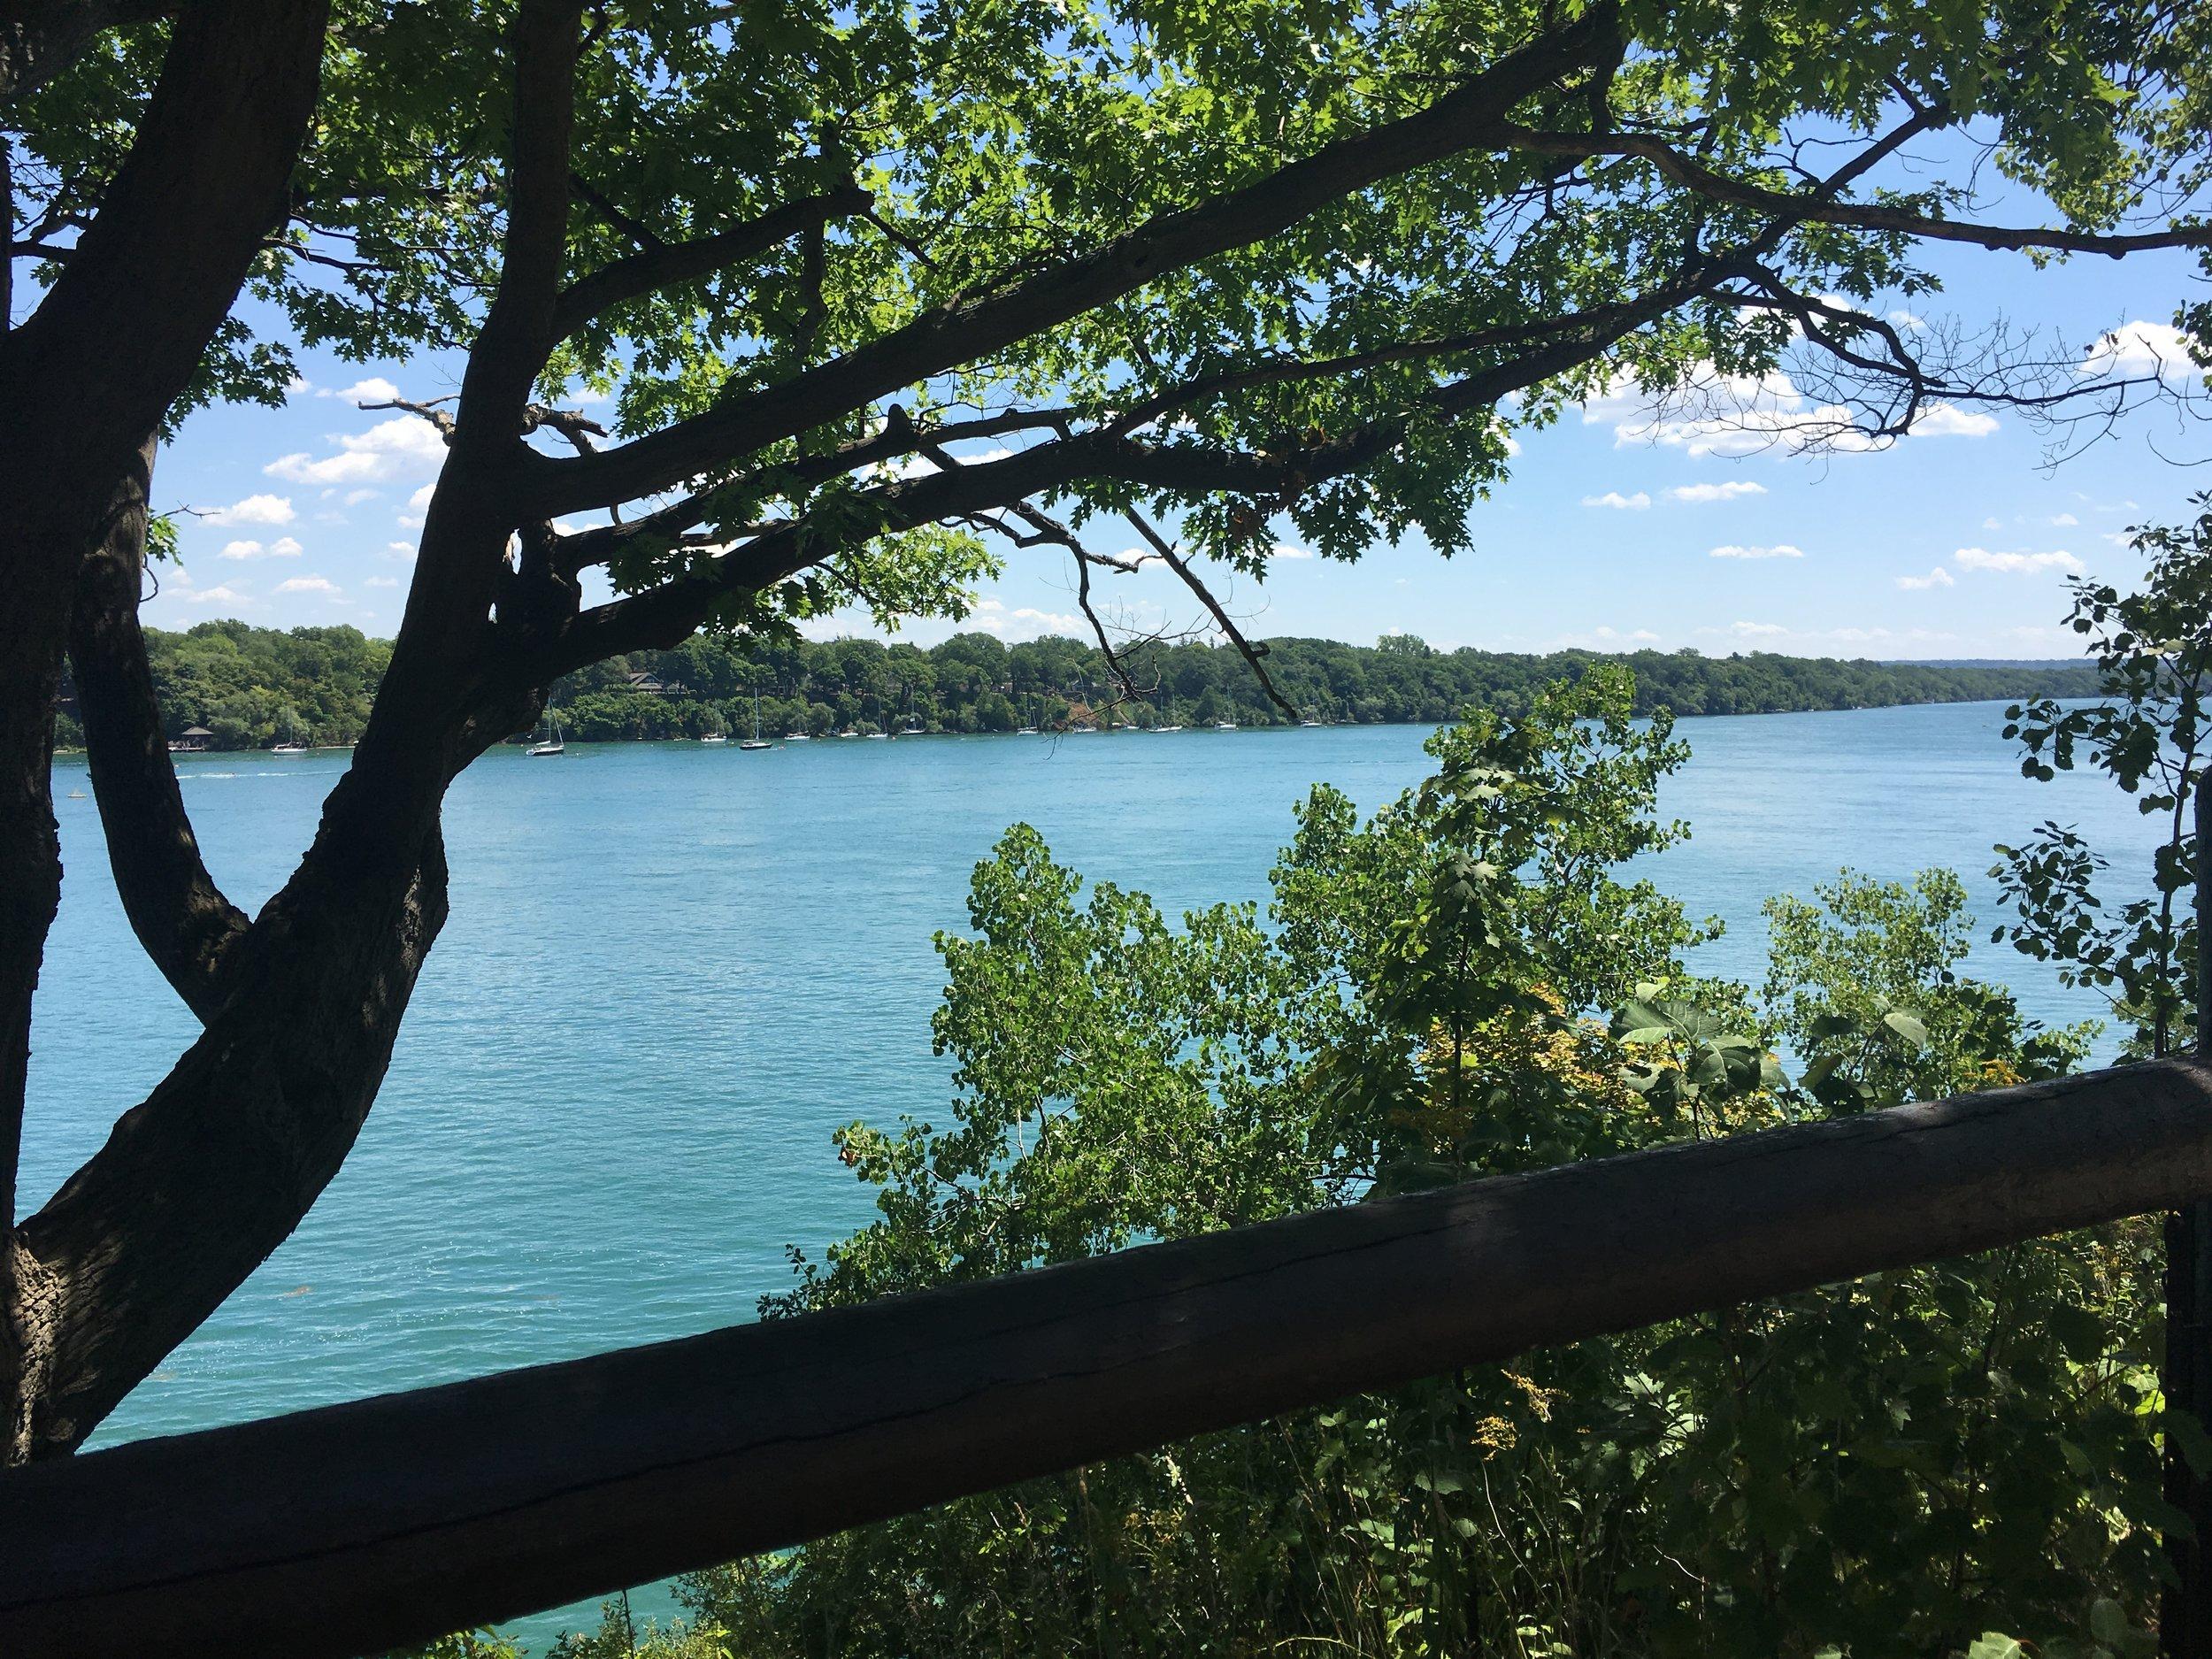 The beautiful Lake Ontario from Niagara-on-the-Lake